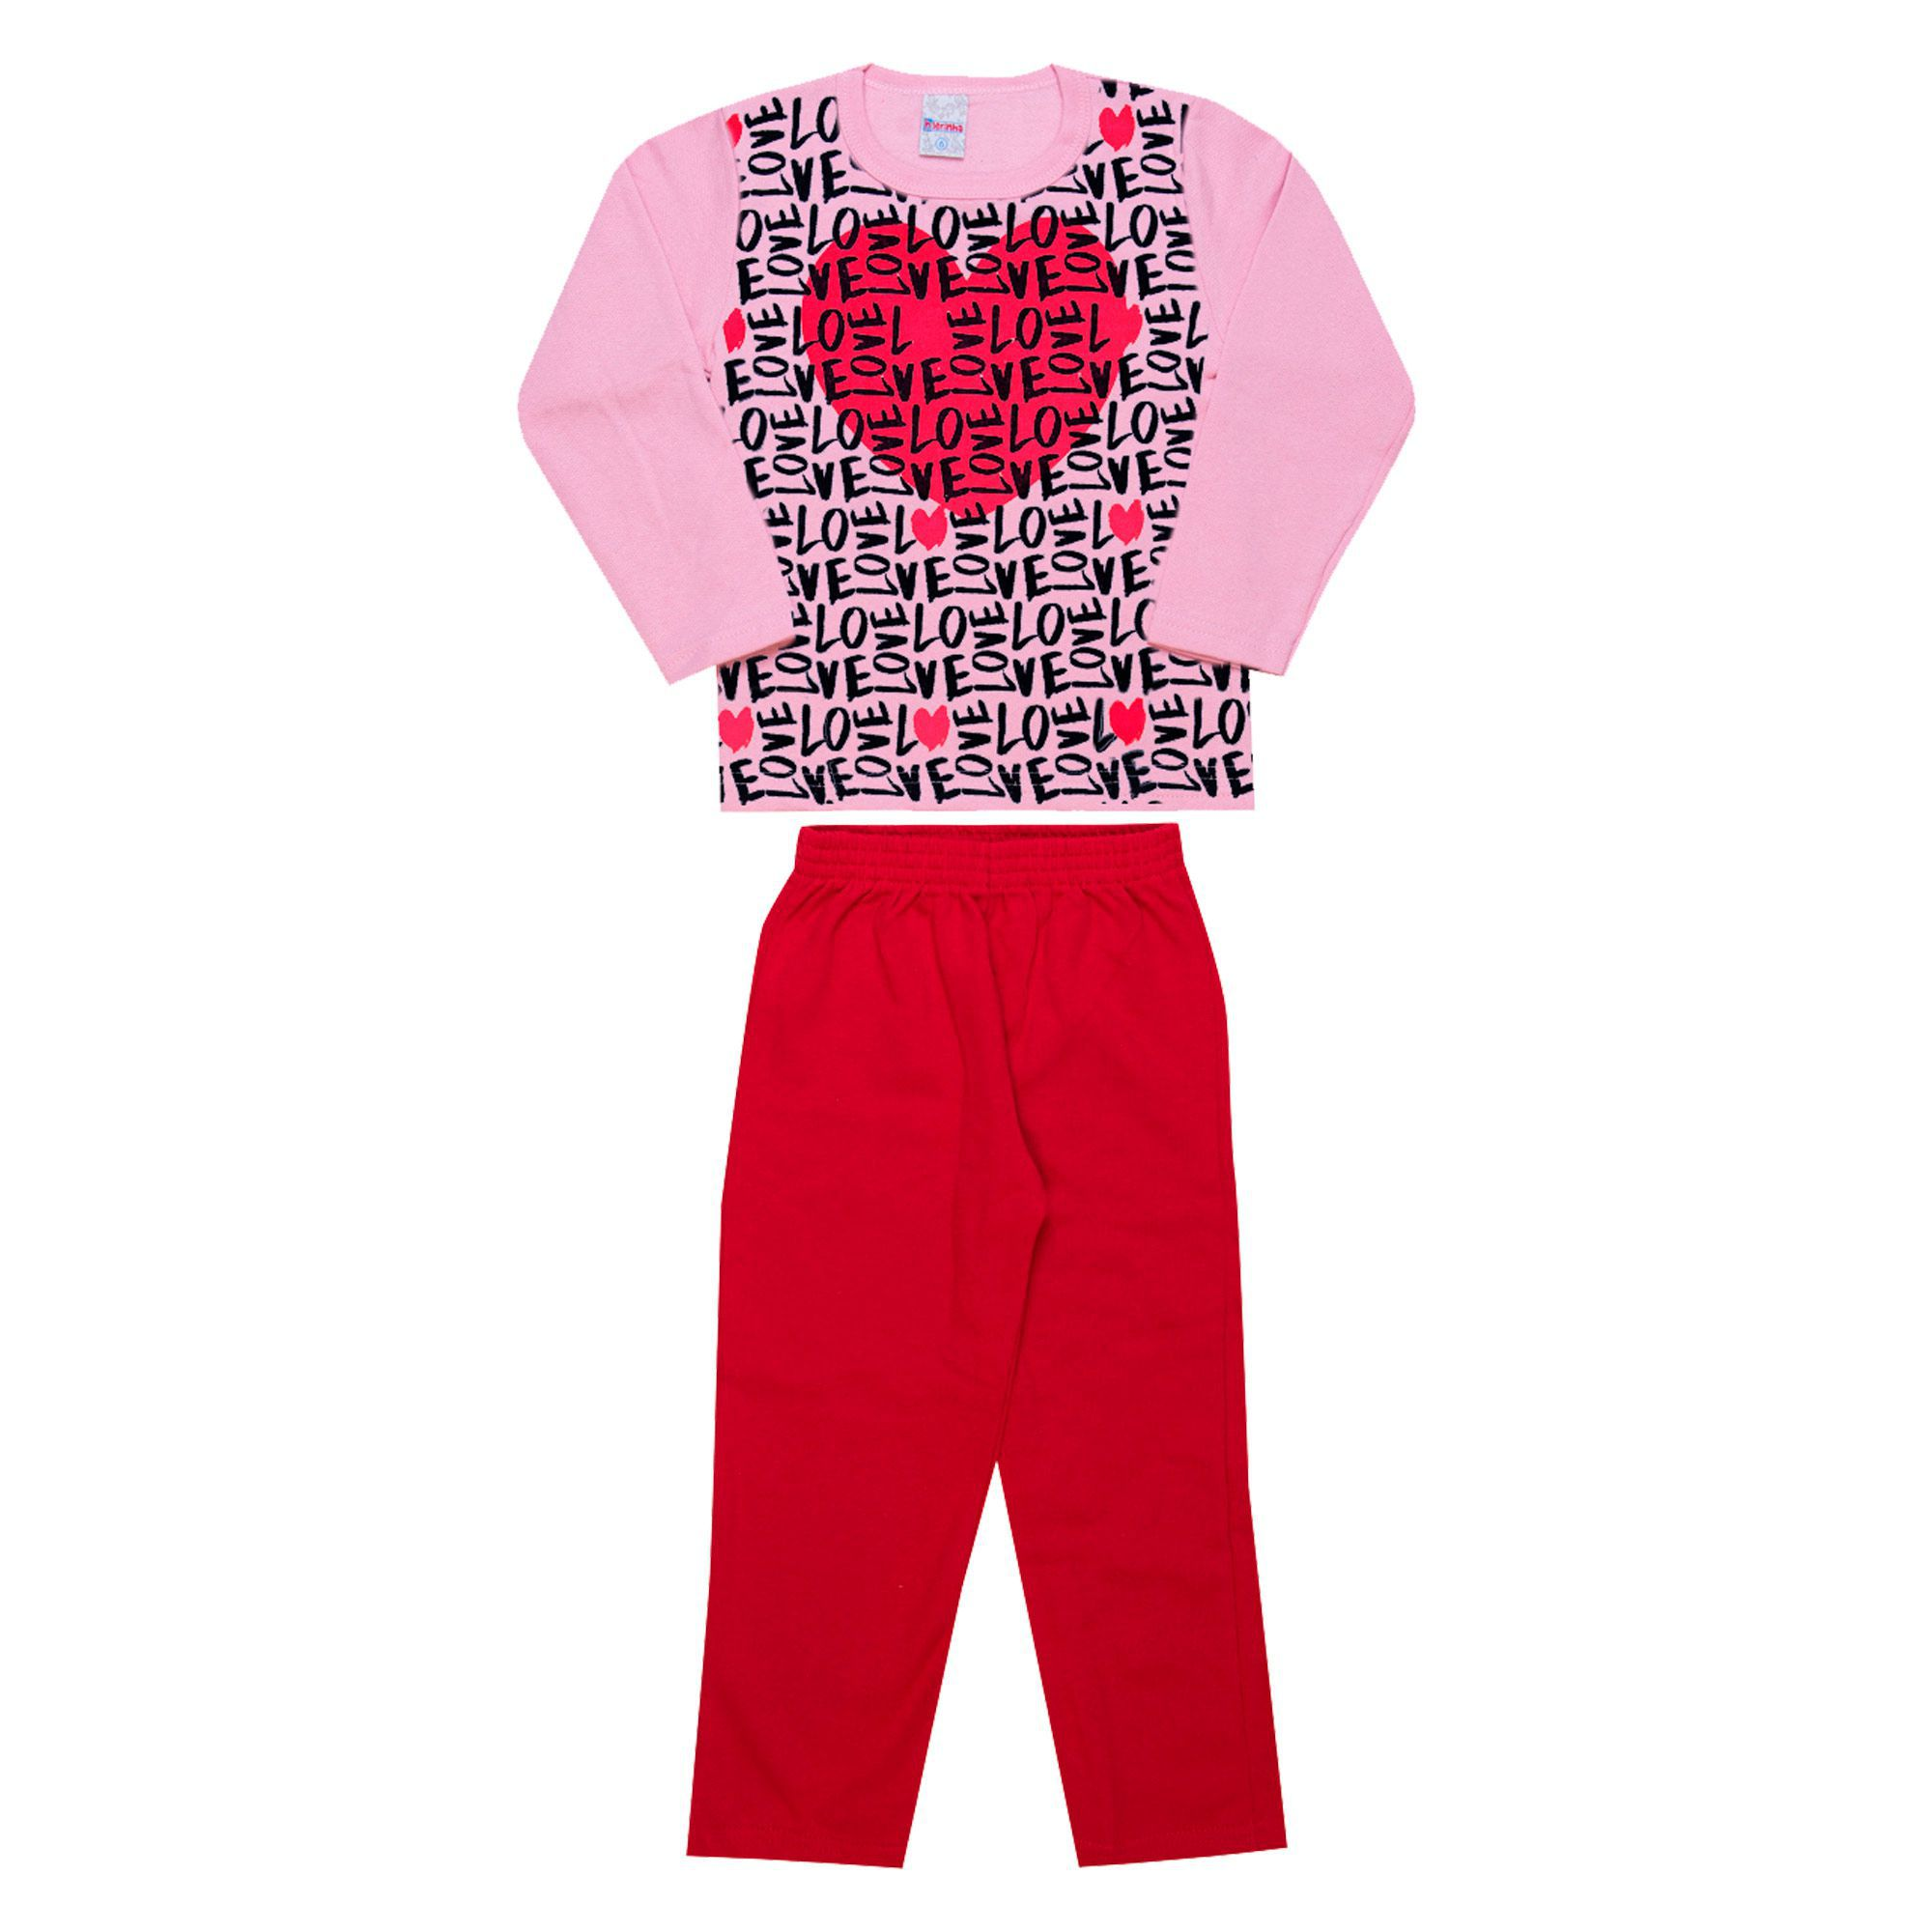 Conjunto Infantil Feminino  2 peças - Ref 1950 - Rosa/Vermelho